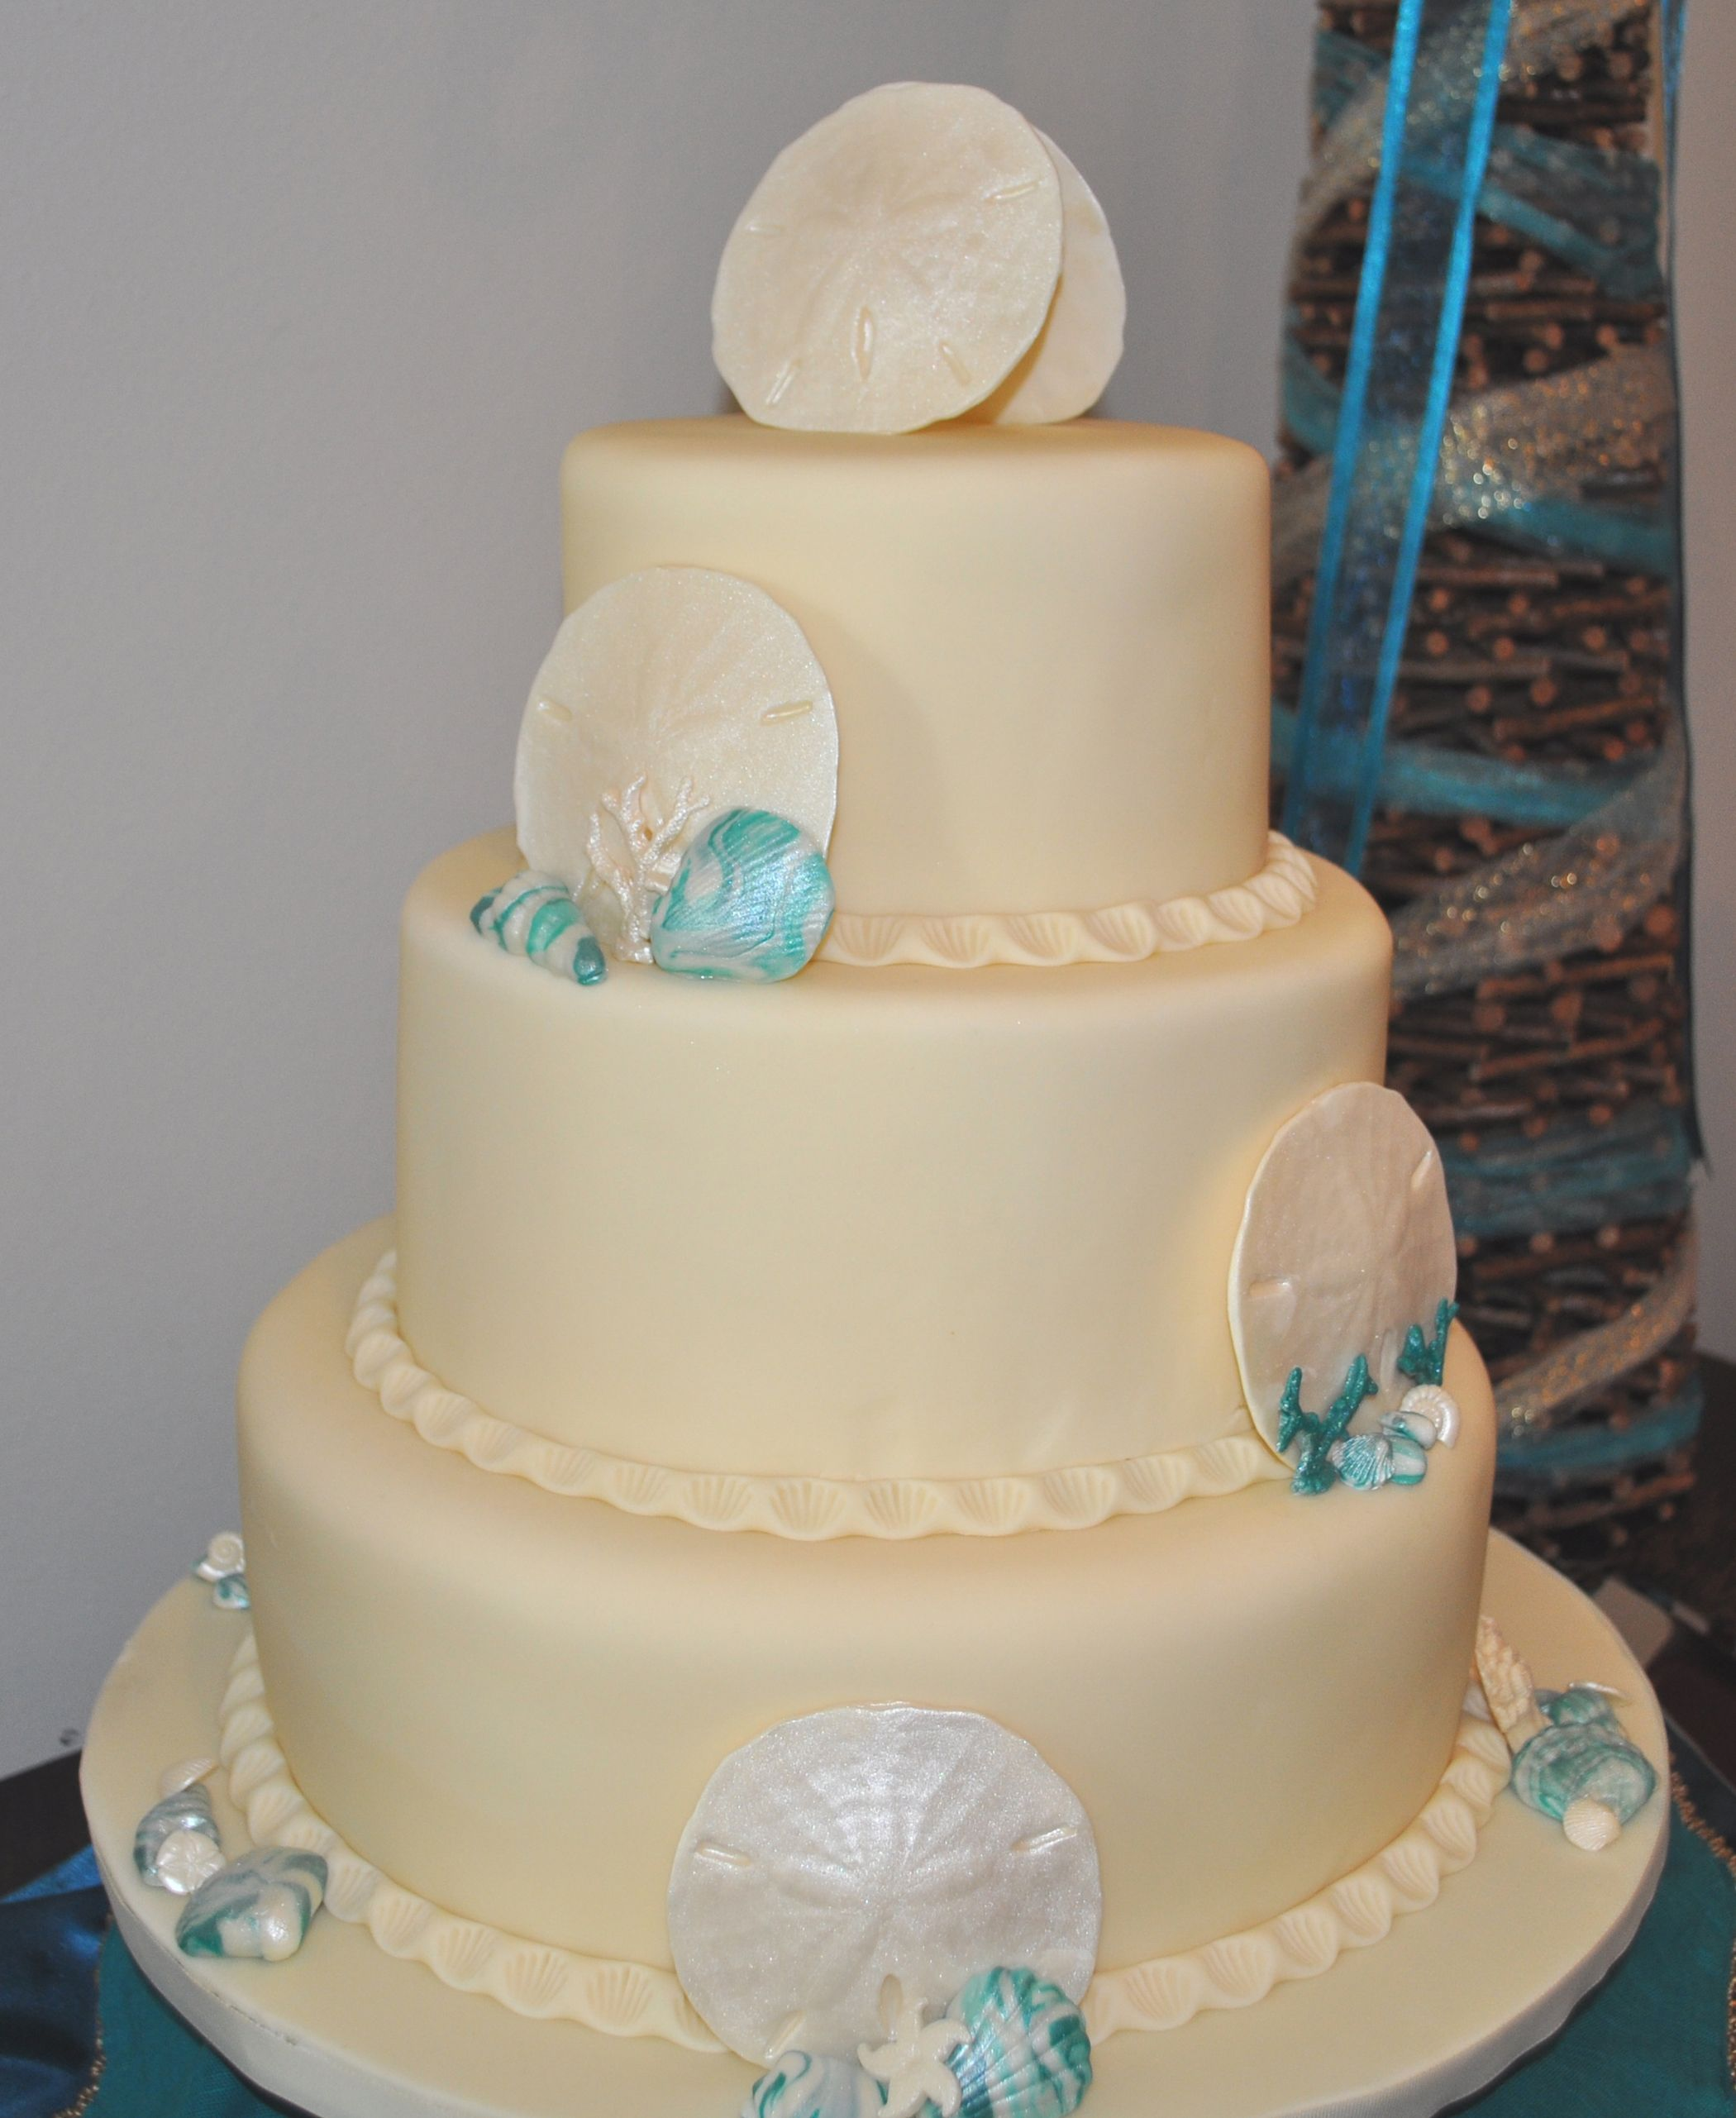 Beach themed wedding cake - Beach themed, teal with ivory sand ...